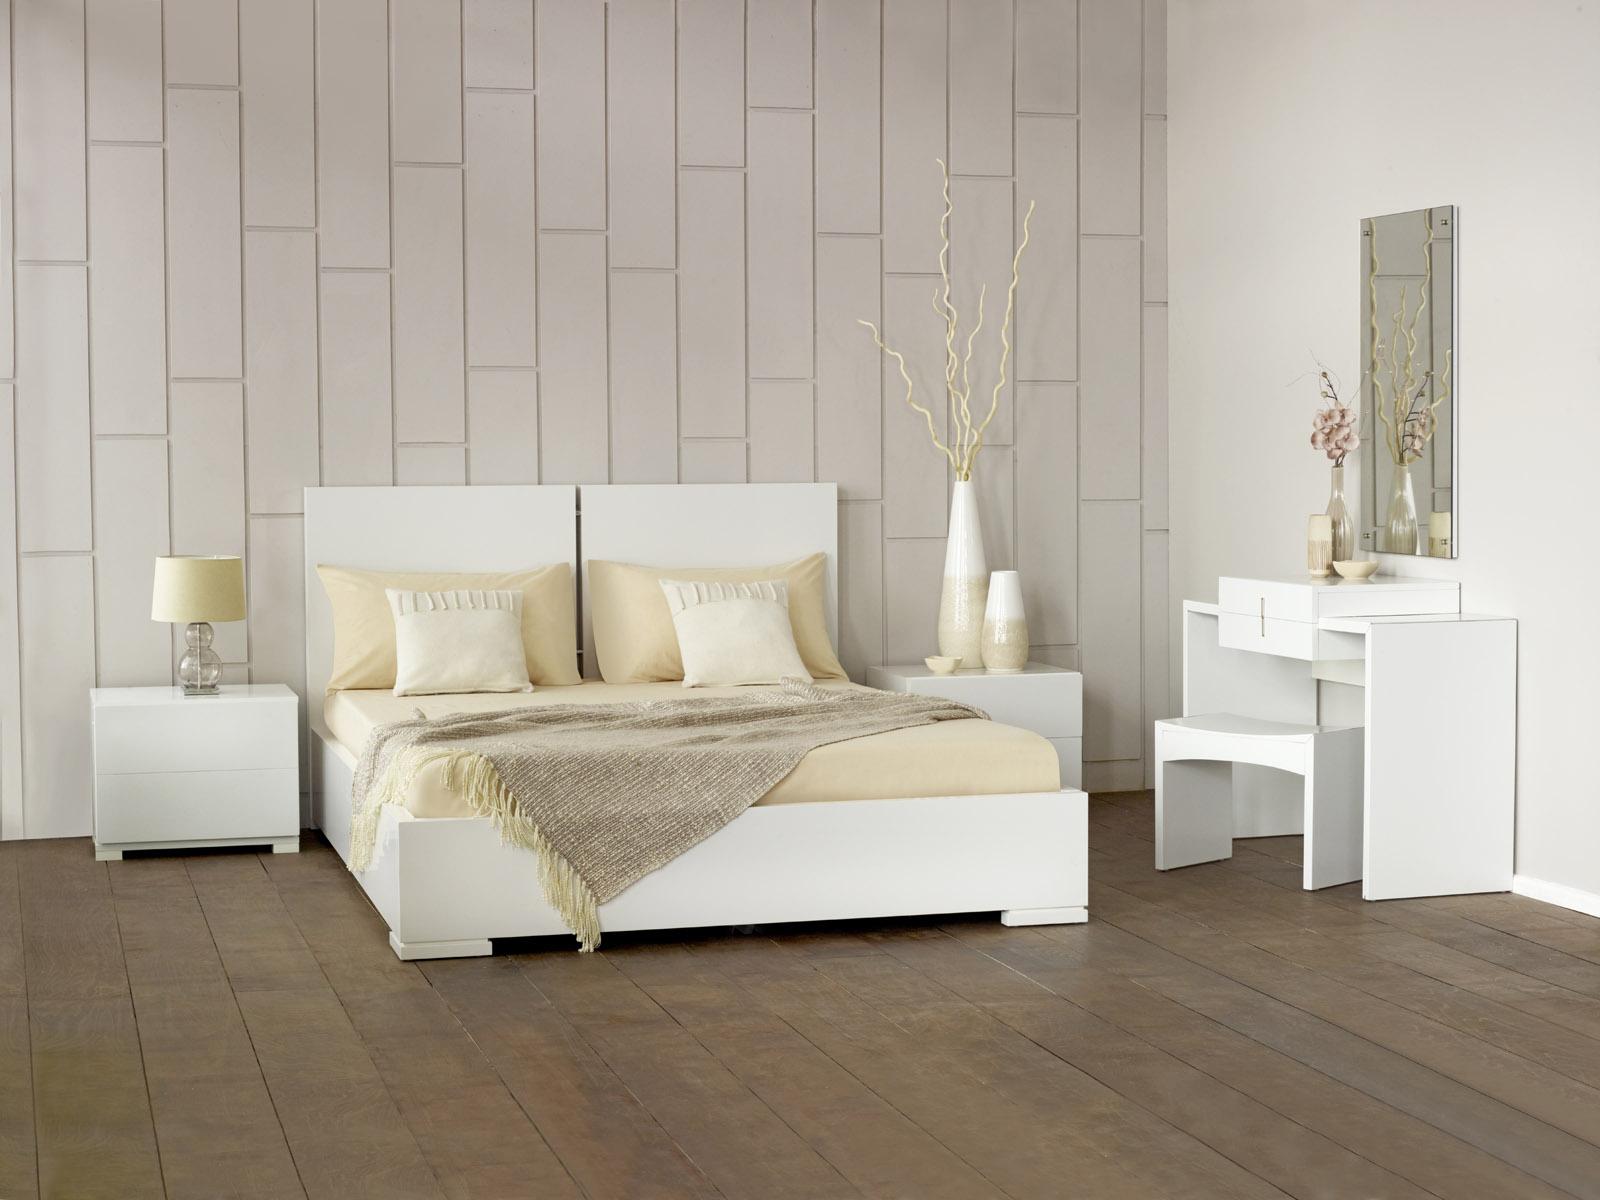 Белый, бежевый и коричневый цвета в интерьере спальни в стиле минимализм